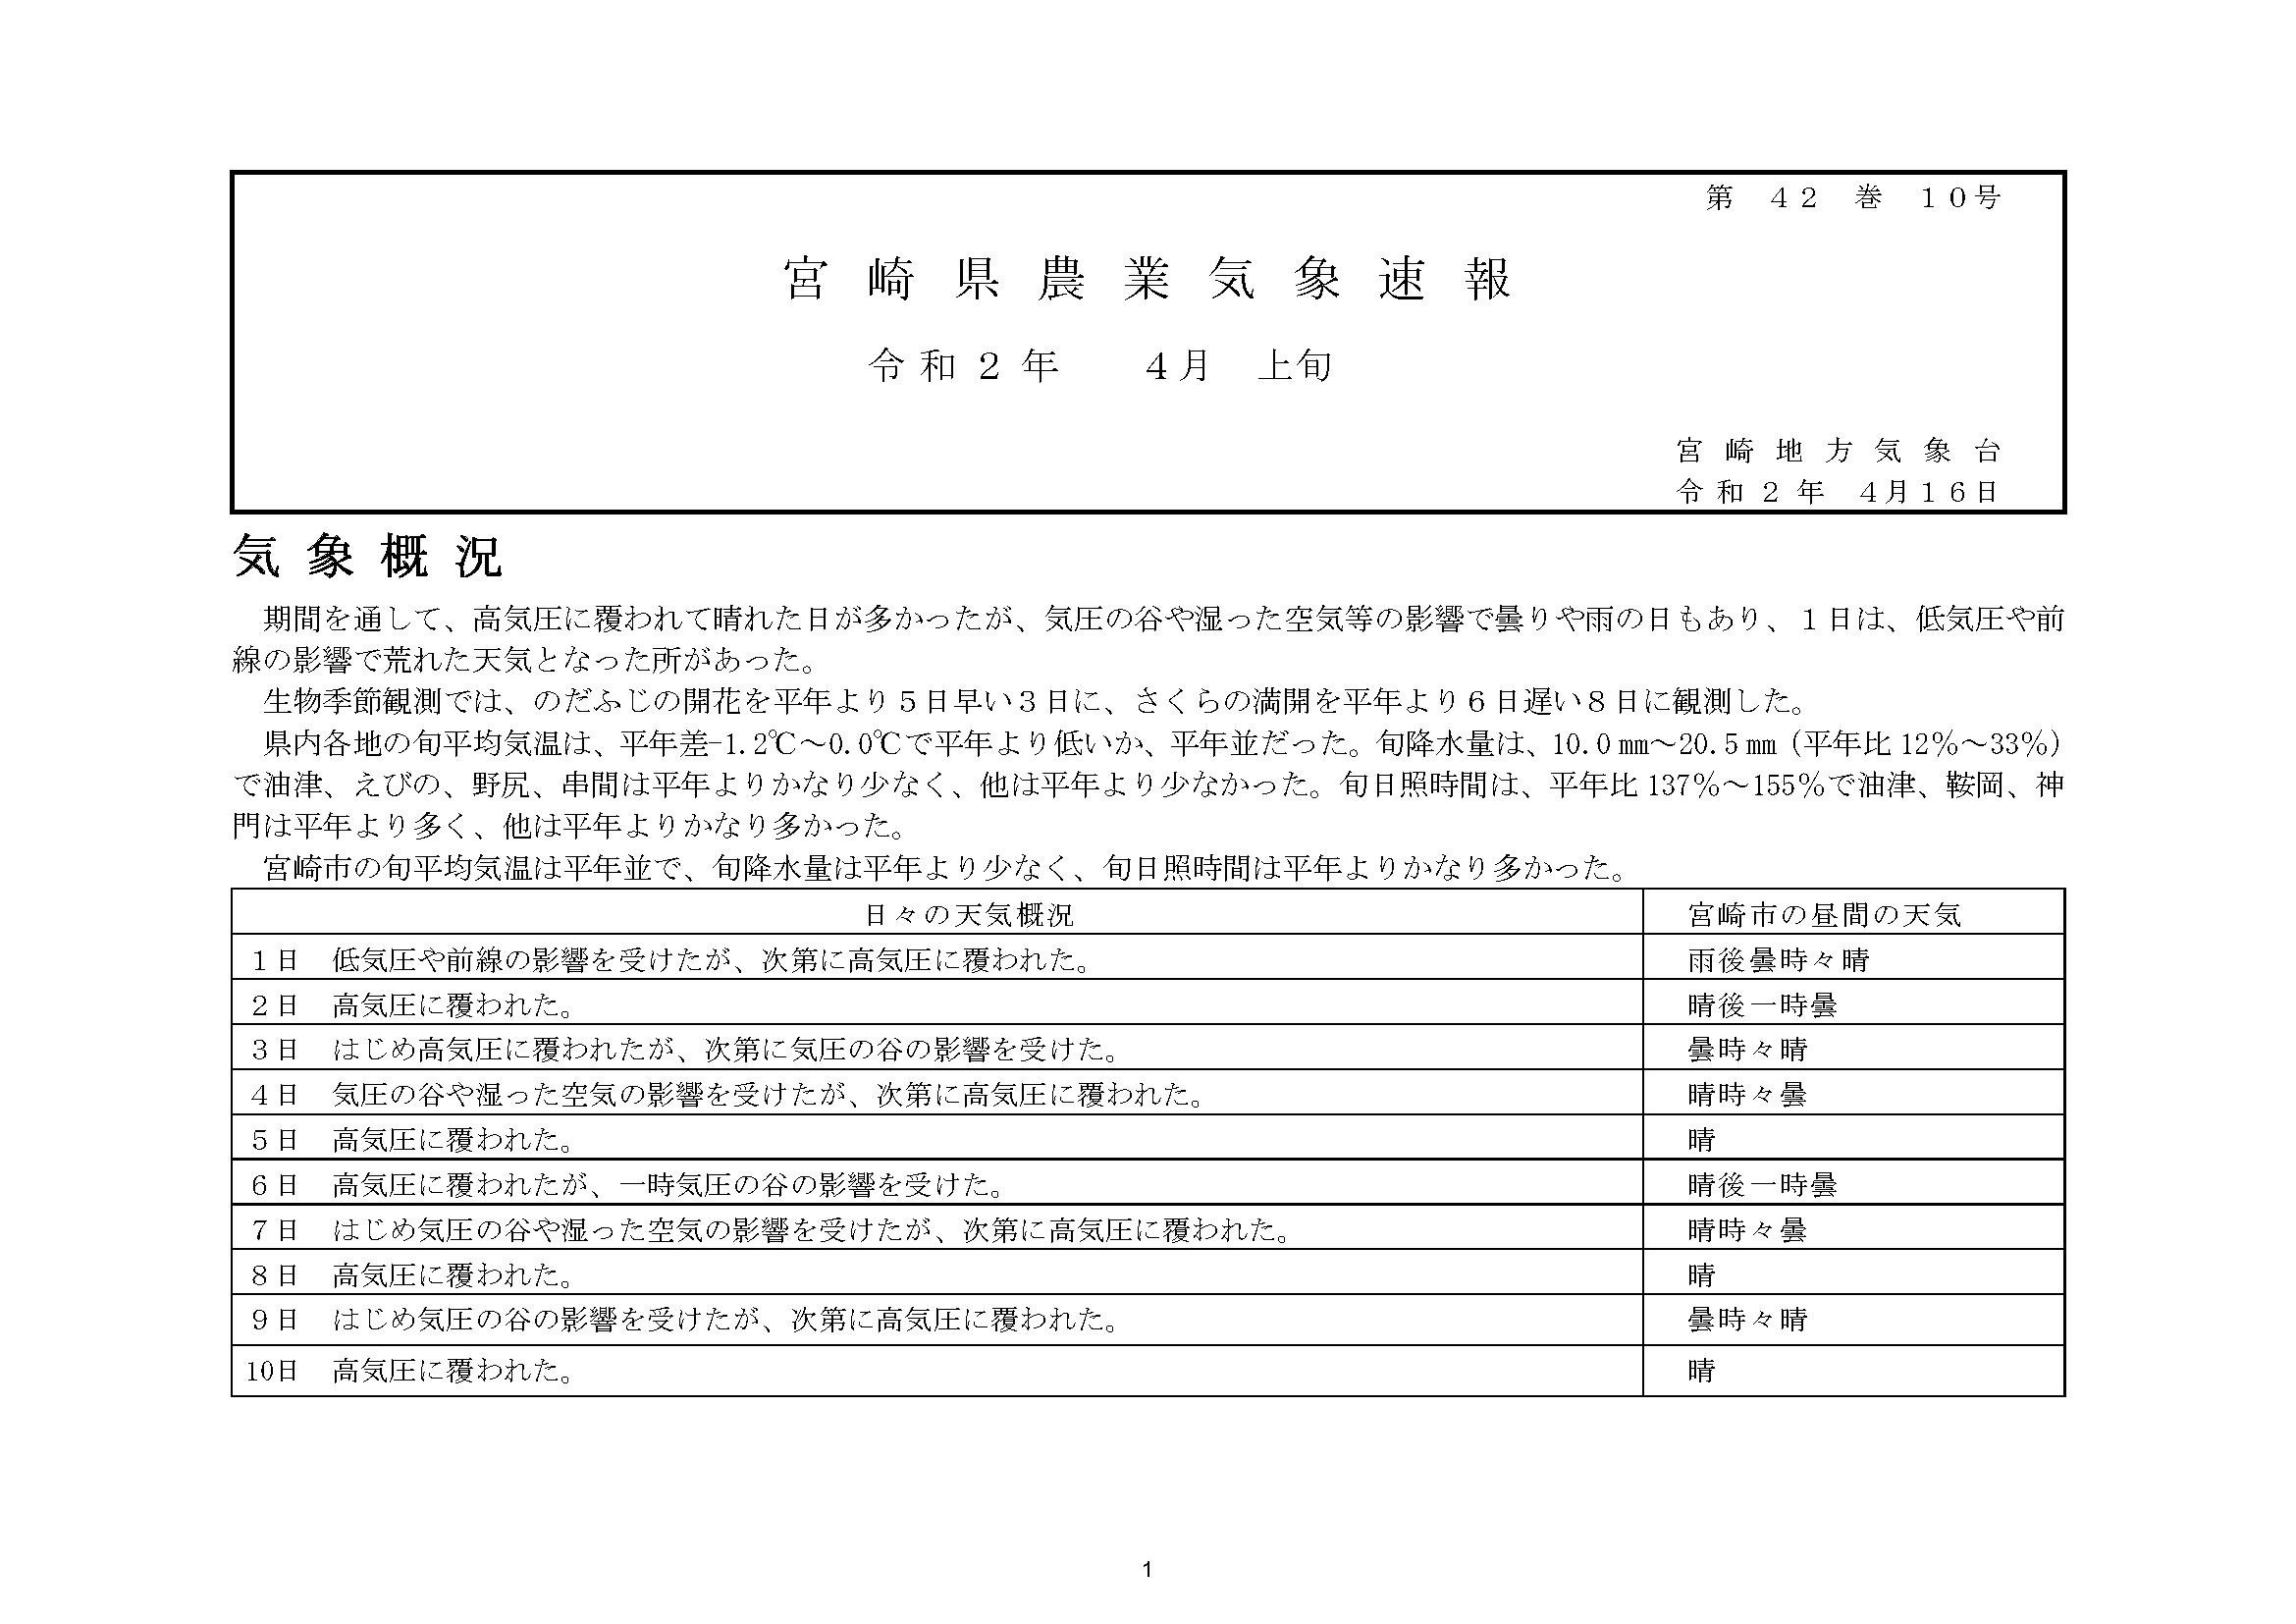 宮崎県農業気象速報令和2年4月上旬PDF